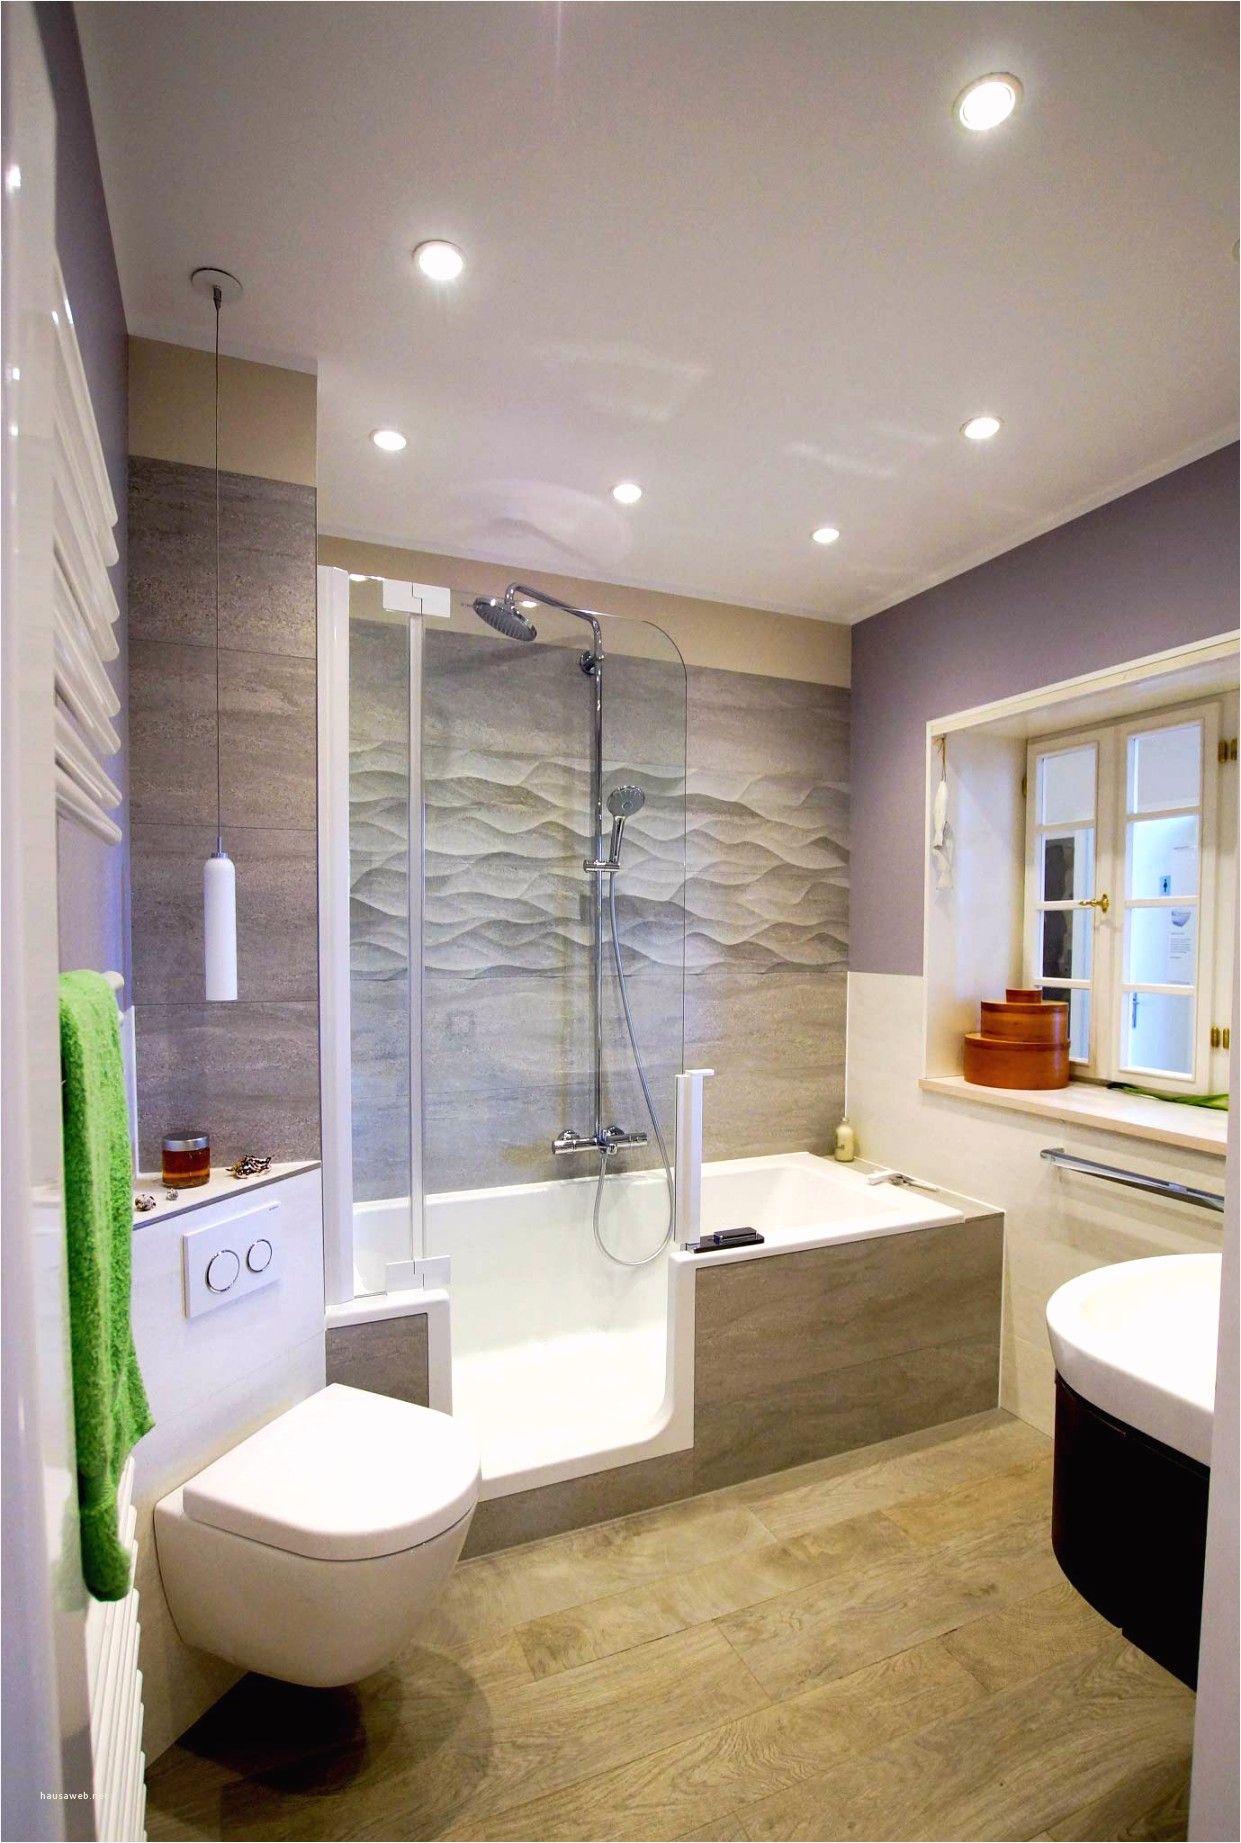 Begehbare Badewanne Inspirierend Badewanne Mit Dusche Aœ Die Losung Fur Kleine Bader Az Badewanne Mit Dusche Badewanne Mit Einstieg Badewanne